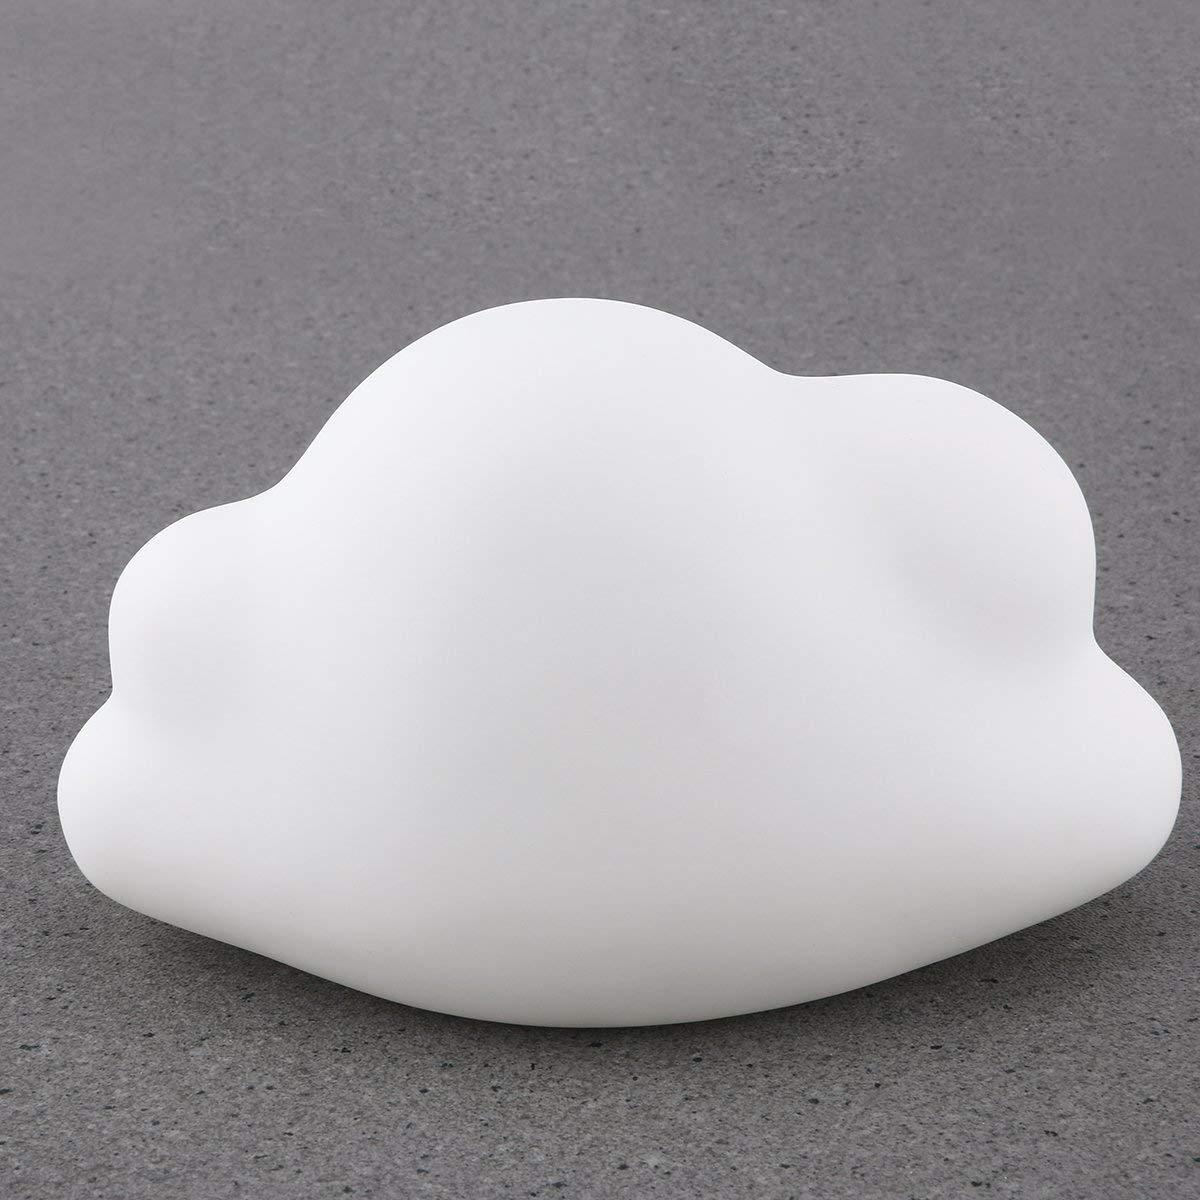 L/ámpara para ni/ños Mini l/ámpara para decoraci/ón de dormitorio infantil by RIVENBERT En forma de nube